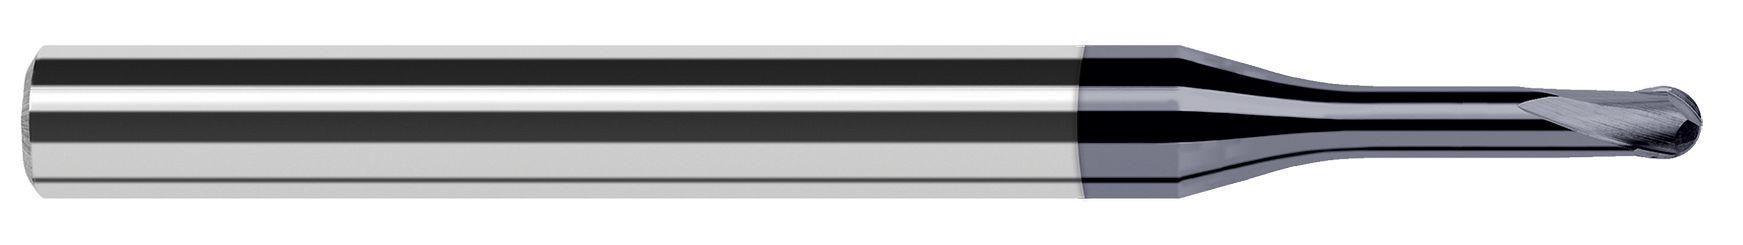 tool-details-37847-C6